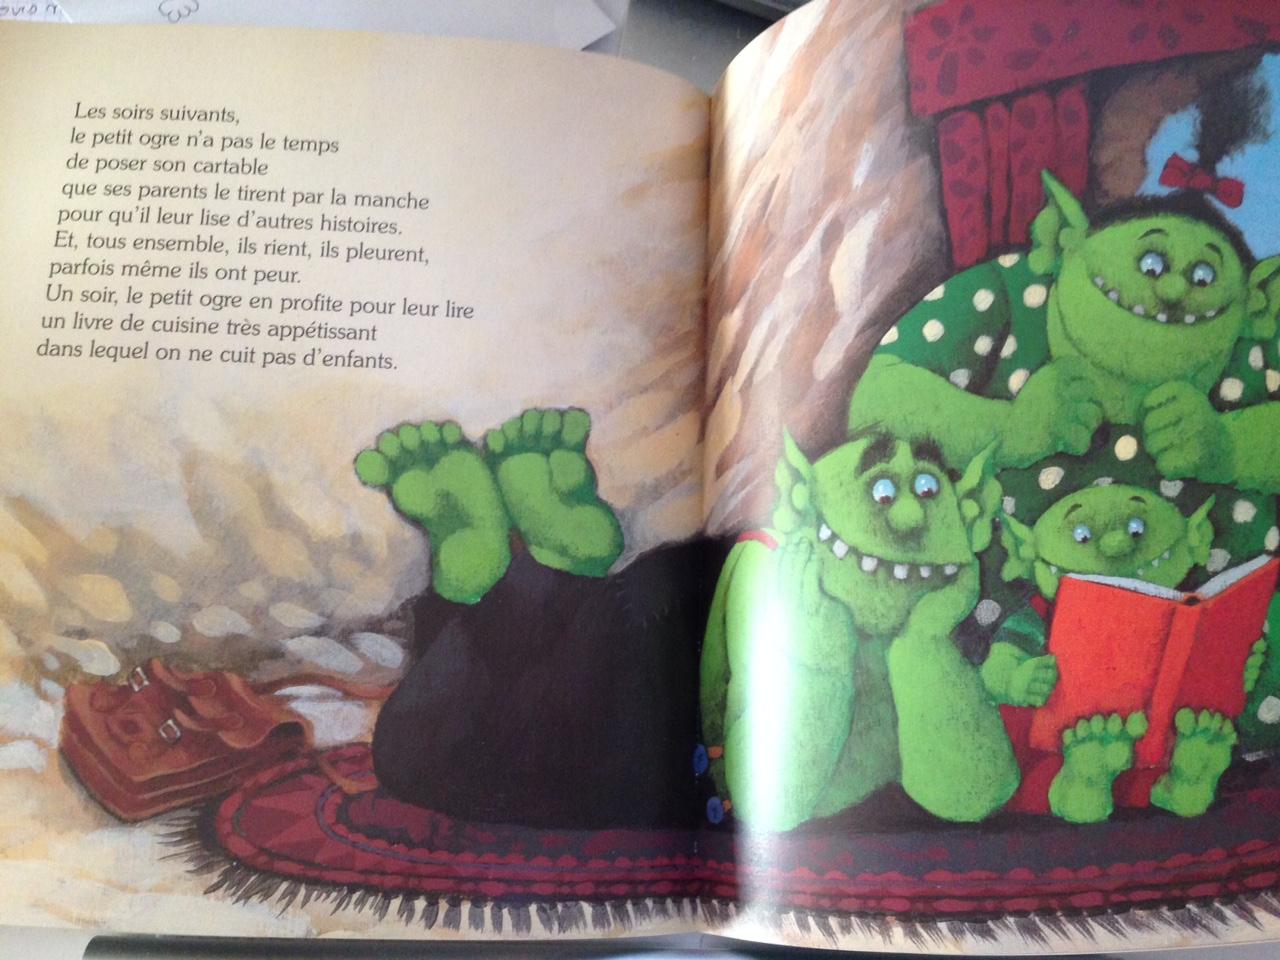 Chronique : Le Petit Ogre Veut Aller À L'école intérieur Le Petit Ogre Qui Voulait Apprendre À Lire